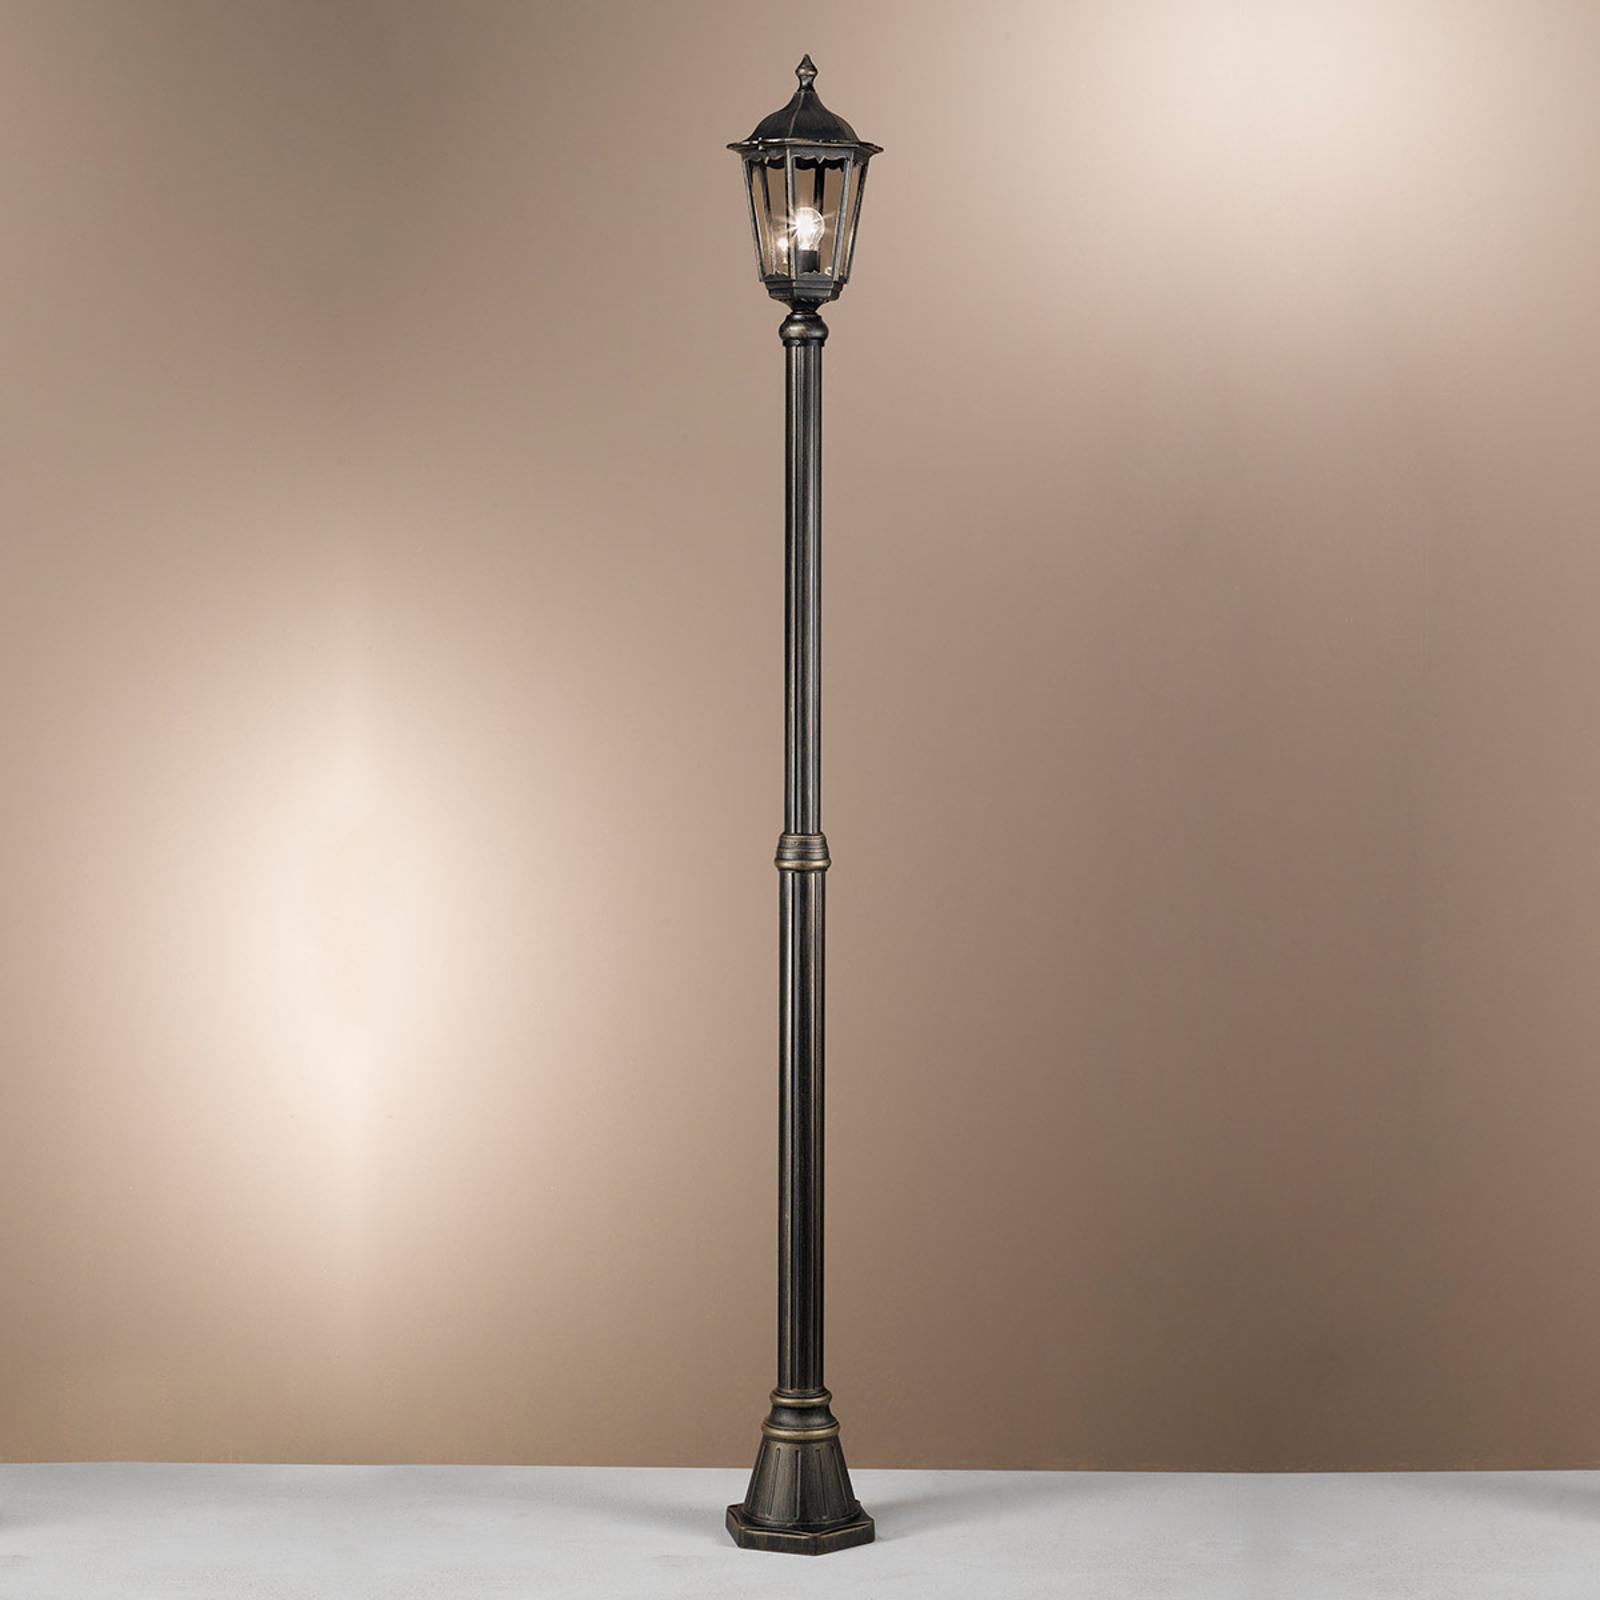 Mastleuchte Puchberg 1-flg., 249 cm, schwarz-gold